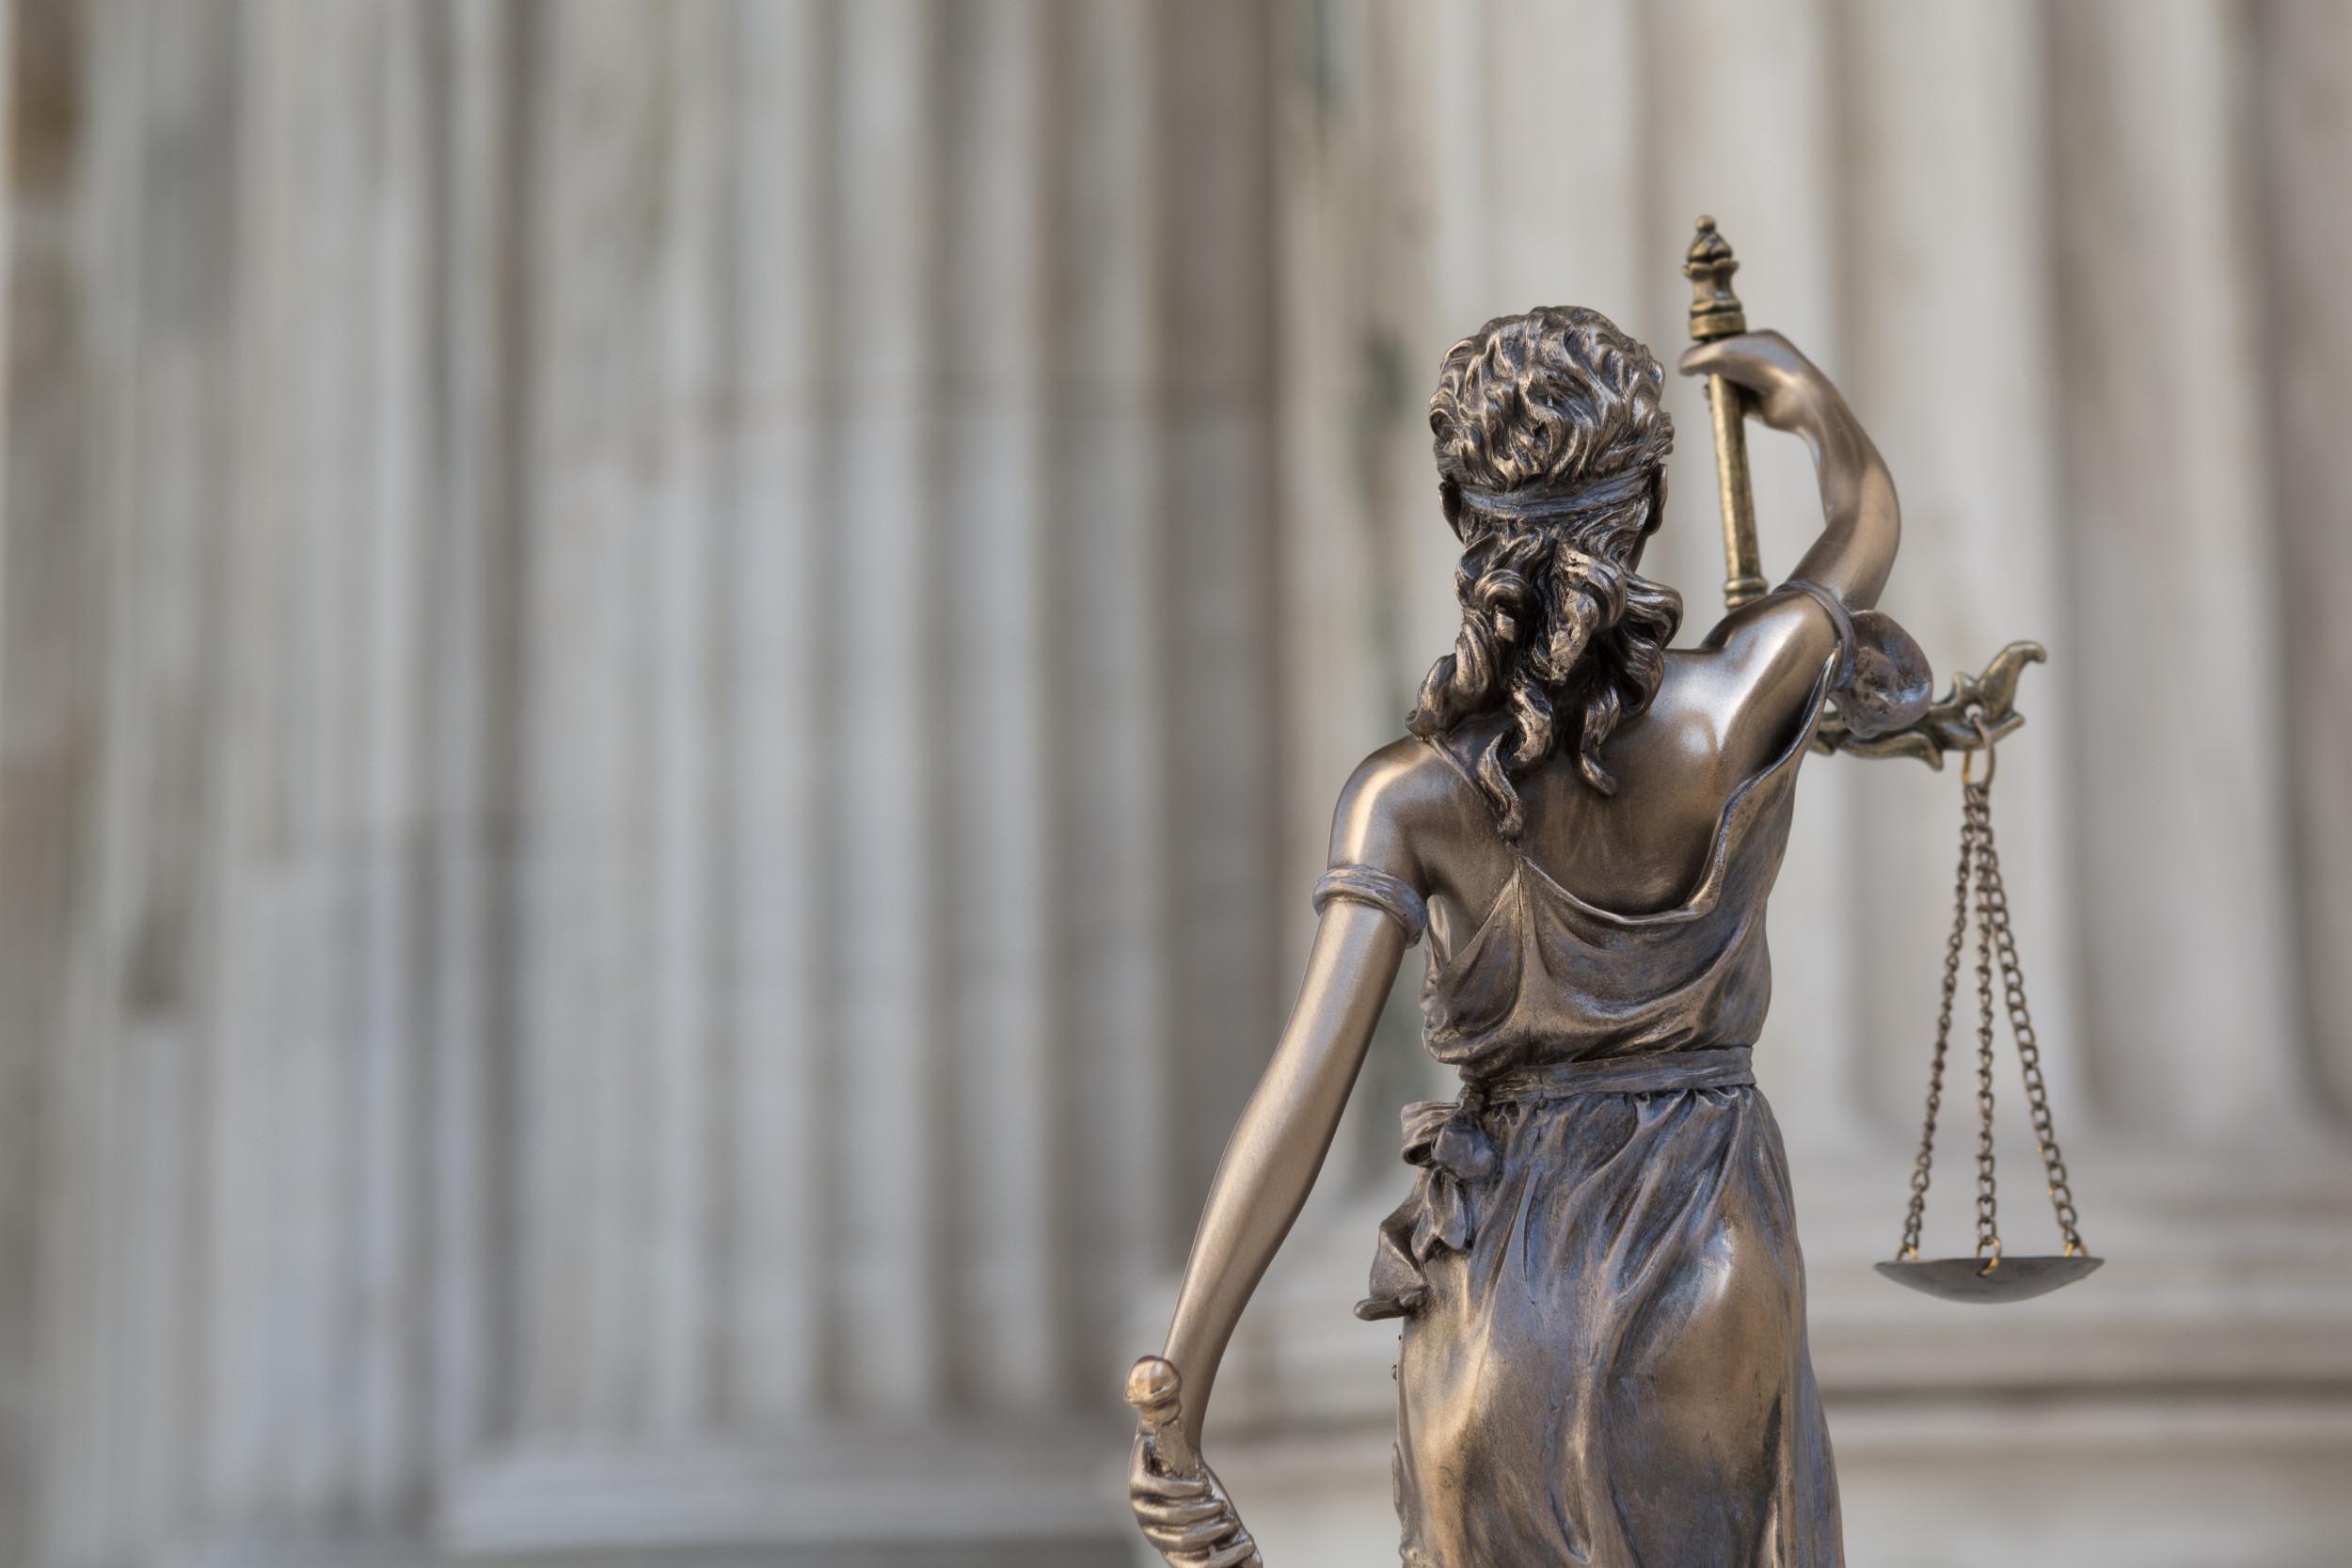 Τα γεγονότα του 2019 που «σημάδεψαν» τη δικαιοσύνη